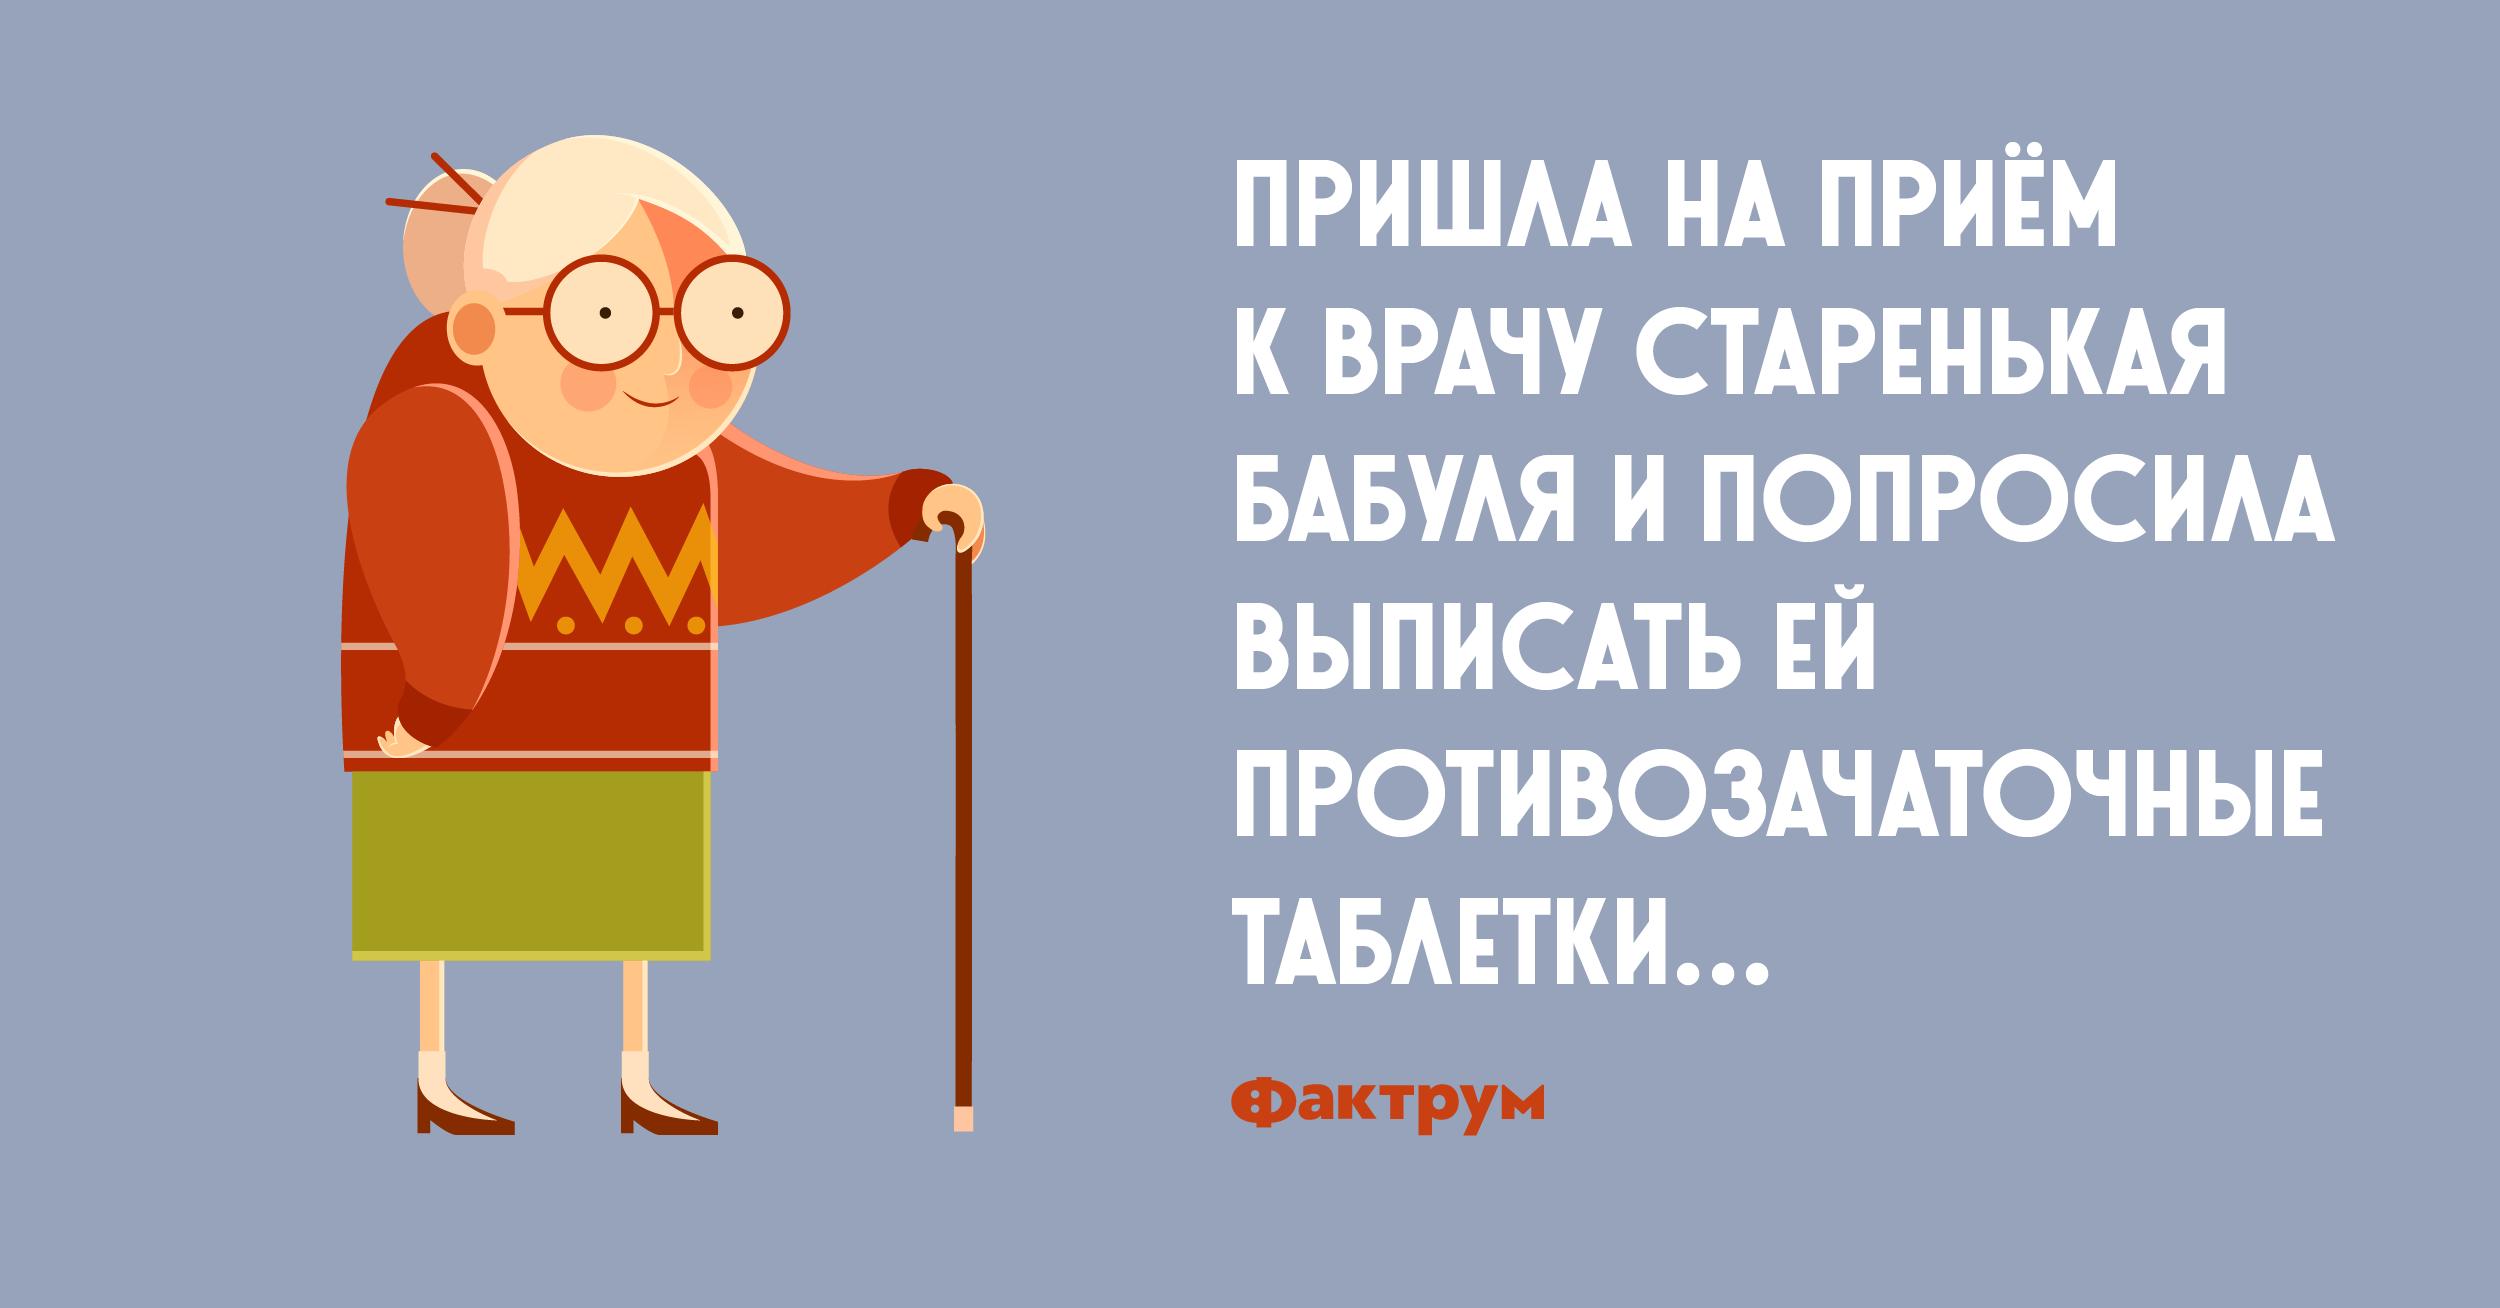 Анекдот о бабуле, попросившей врача выписать ей таблетки